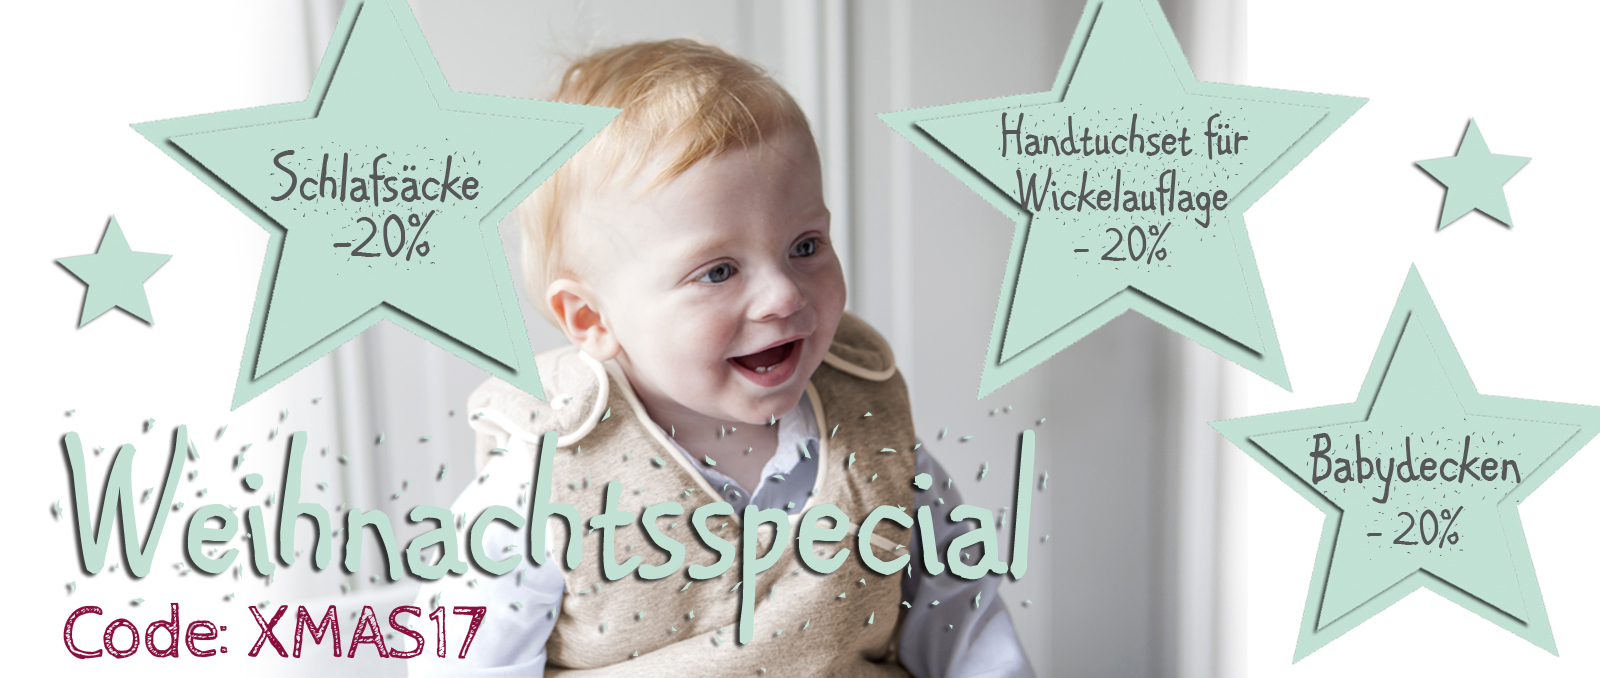 Babyschlafsck_Beige-Weihachtsspecial_1600x678px_Shopb Kopie